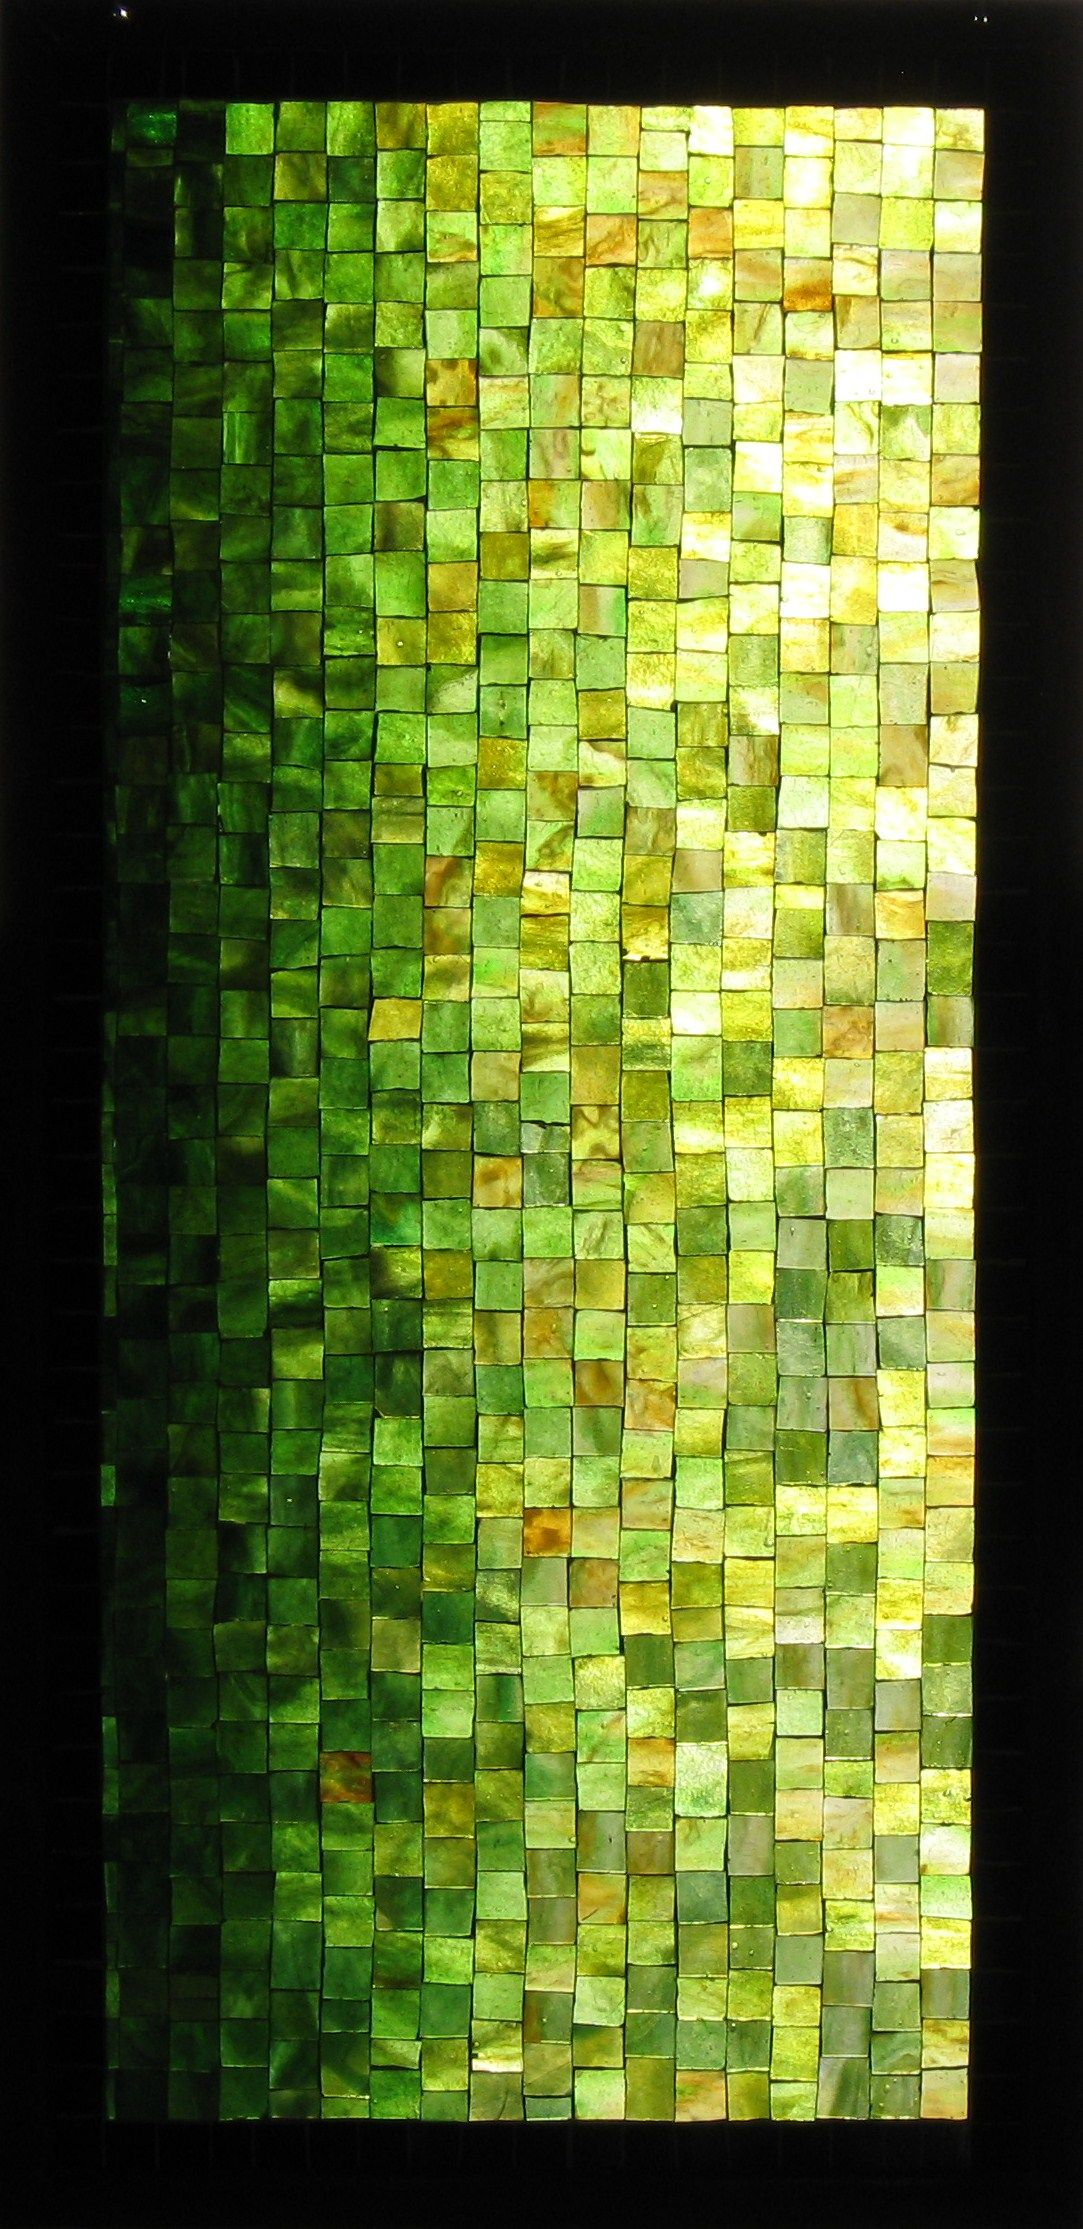 Prachtig groen mozaïek